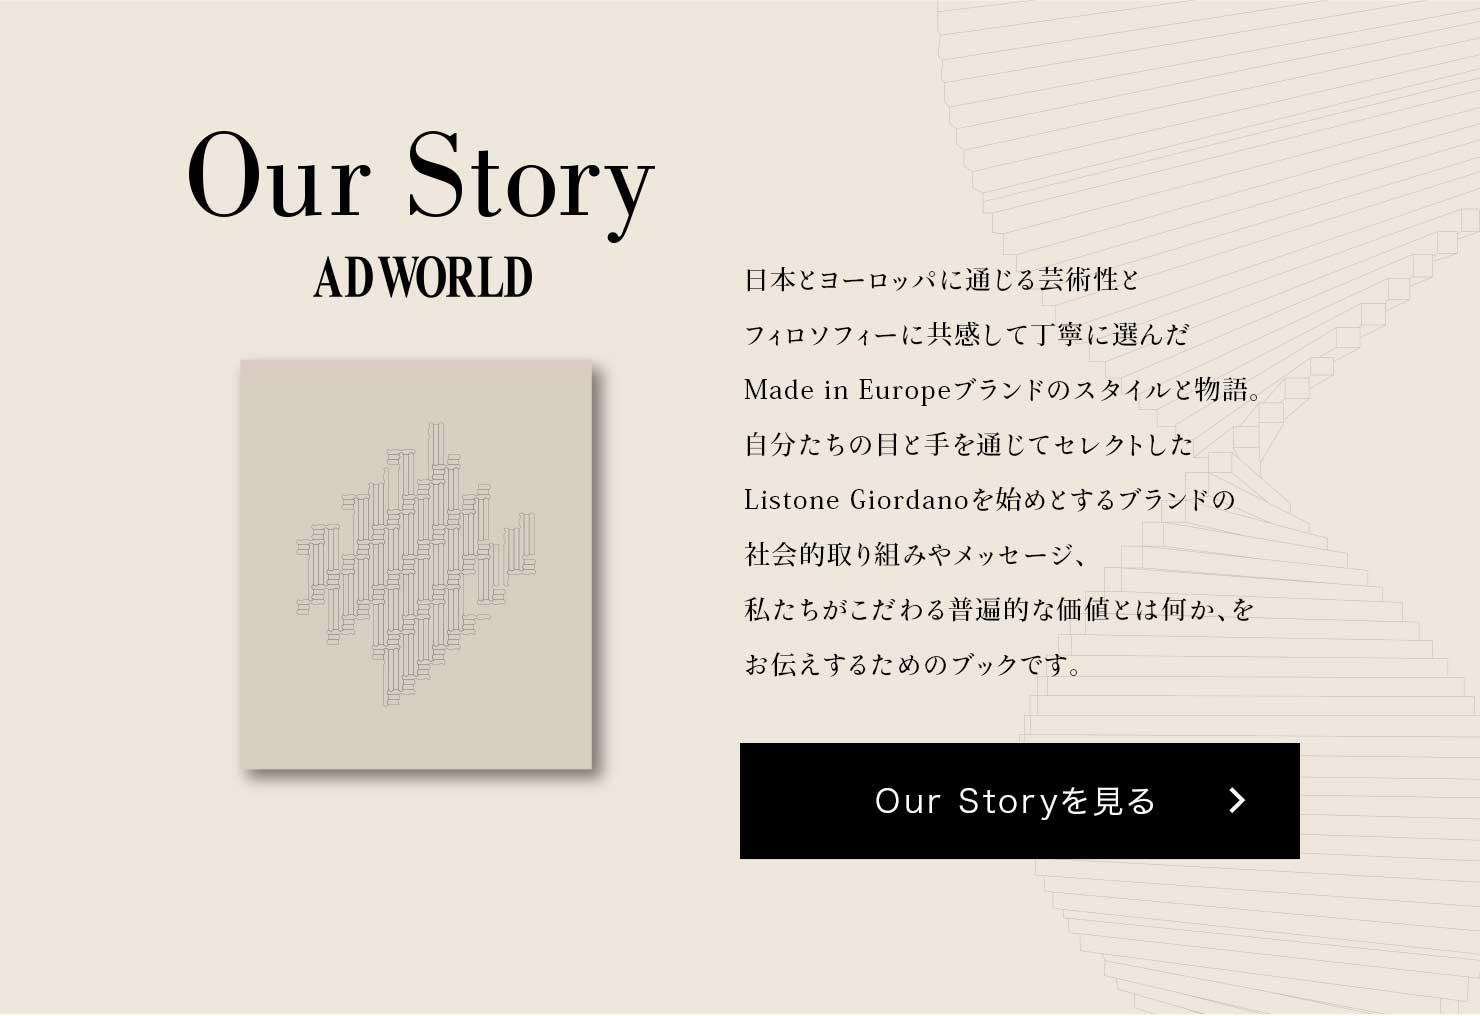 Our Story ADWORLD 日本とヨーロッパに通じる芸術性とフィロソフィーに共感して丁寧に選んだMade in Europeブランドのスタイルと物語。自分たちの目と手を通じてセレクトしたListone Giordanoを始めとするブランドの社会的取り組みやメッセージ、私たちがこだわる普遍的な価値とは何か、をお伝えするためのブックです。 Our Storyを見る